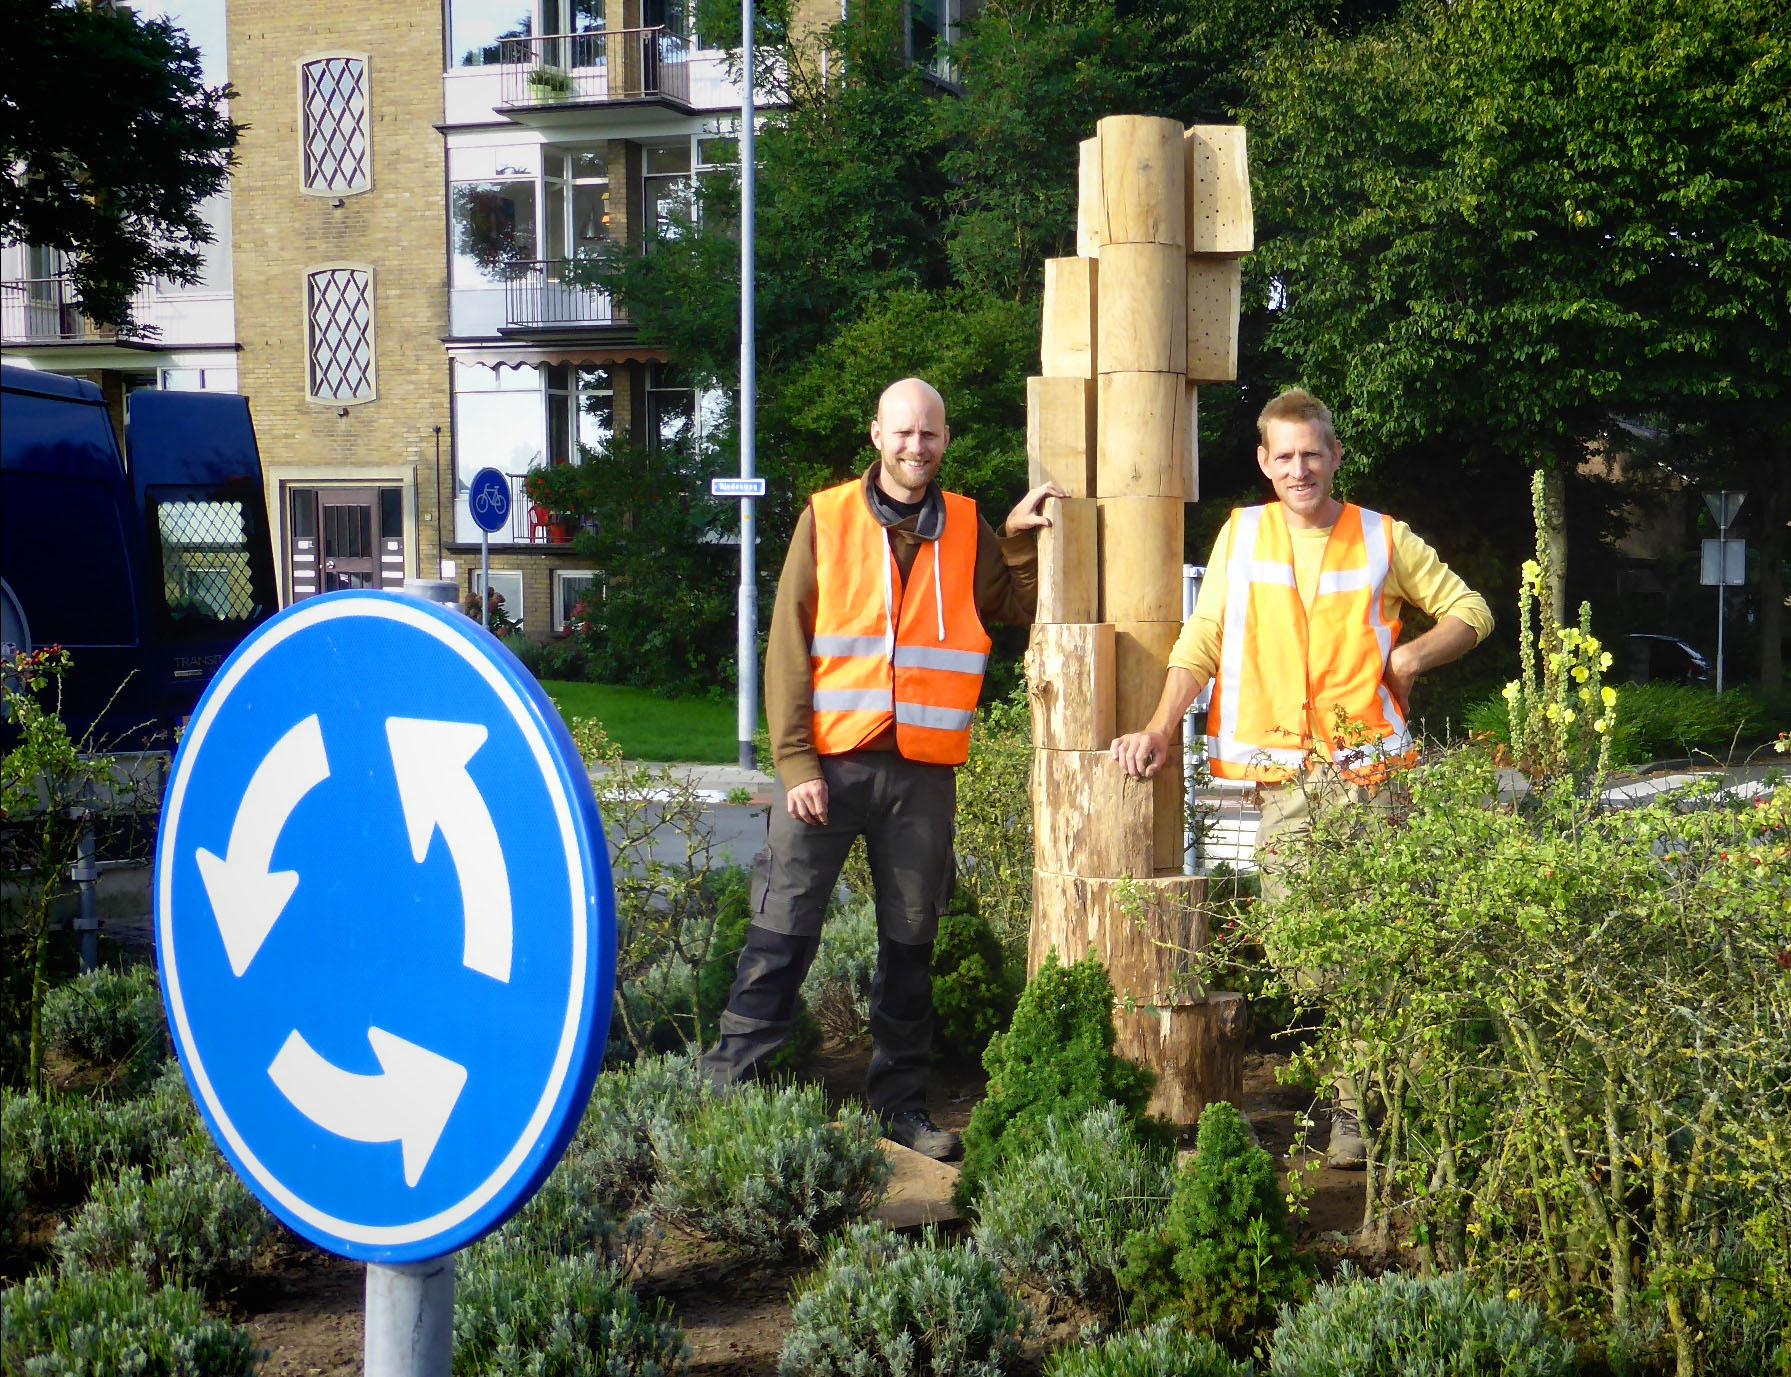 Zie ook de Bienenbaum, de wederhelft van dit bijenhotel in Wageningen's Partnerstad Mörfelden-Walldorf